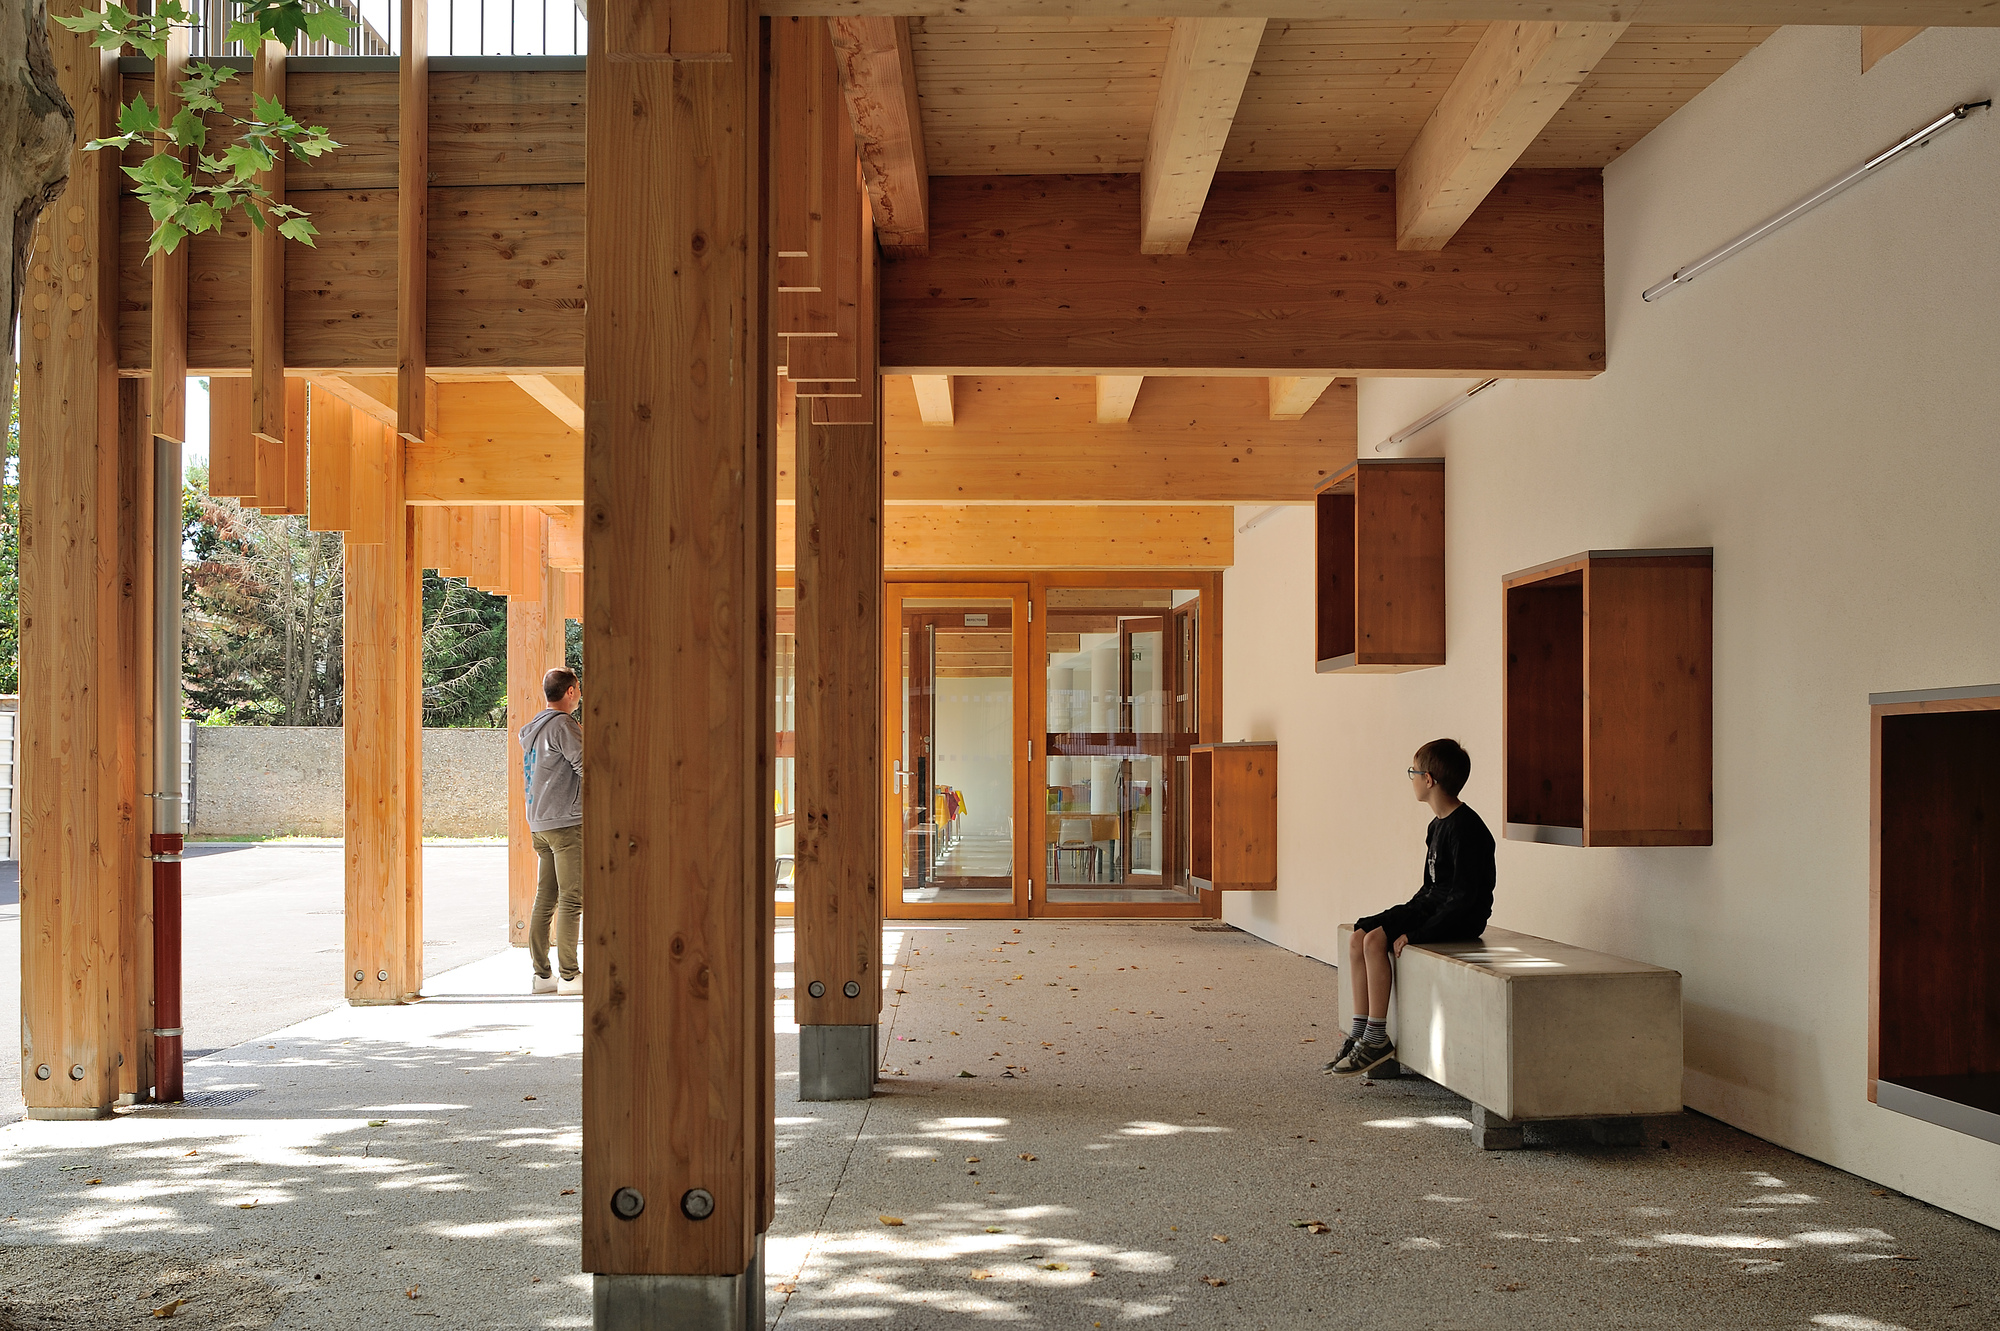 Nursery School At Roches De Condrieu